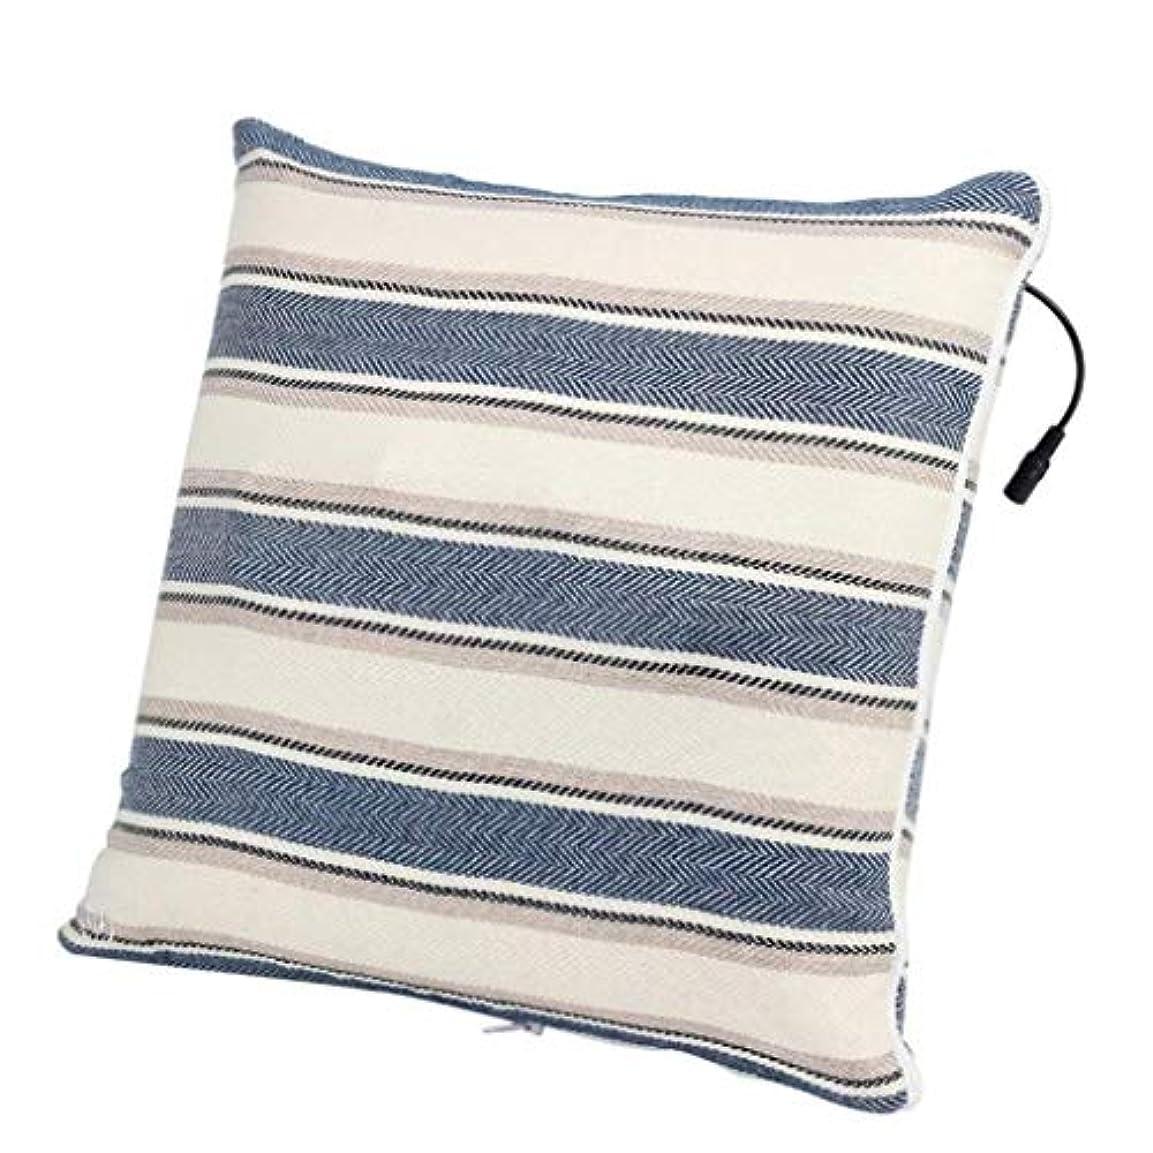 電動マッサージ枕、背中、首、肩、足の3D指圧マッサージャーで筋肉をほぐし、痛みを和らげ、持ち運びが簡単